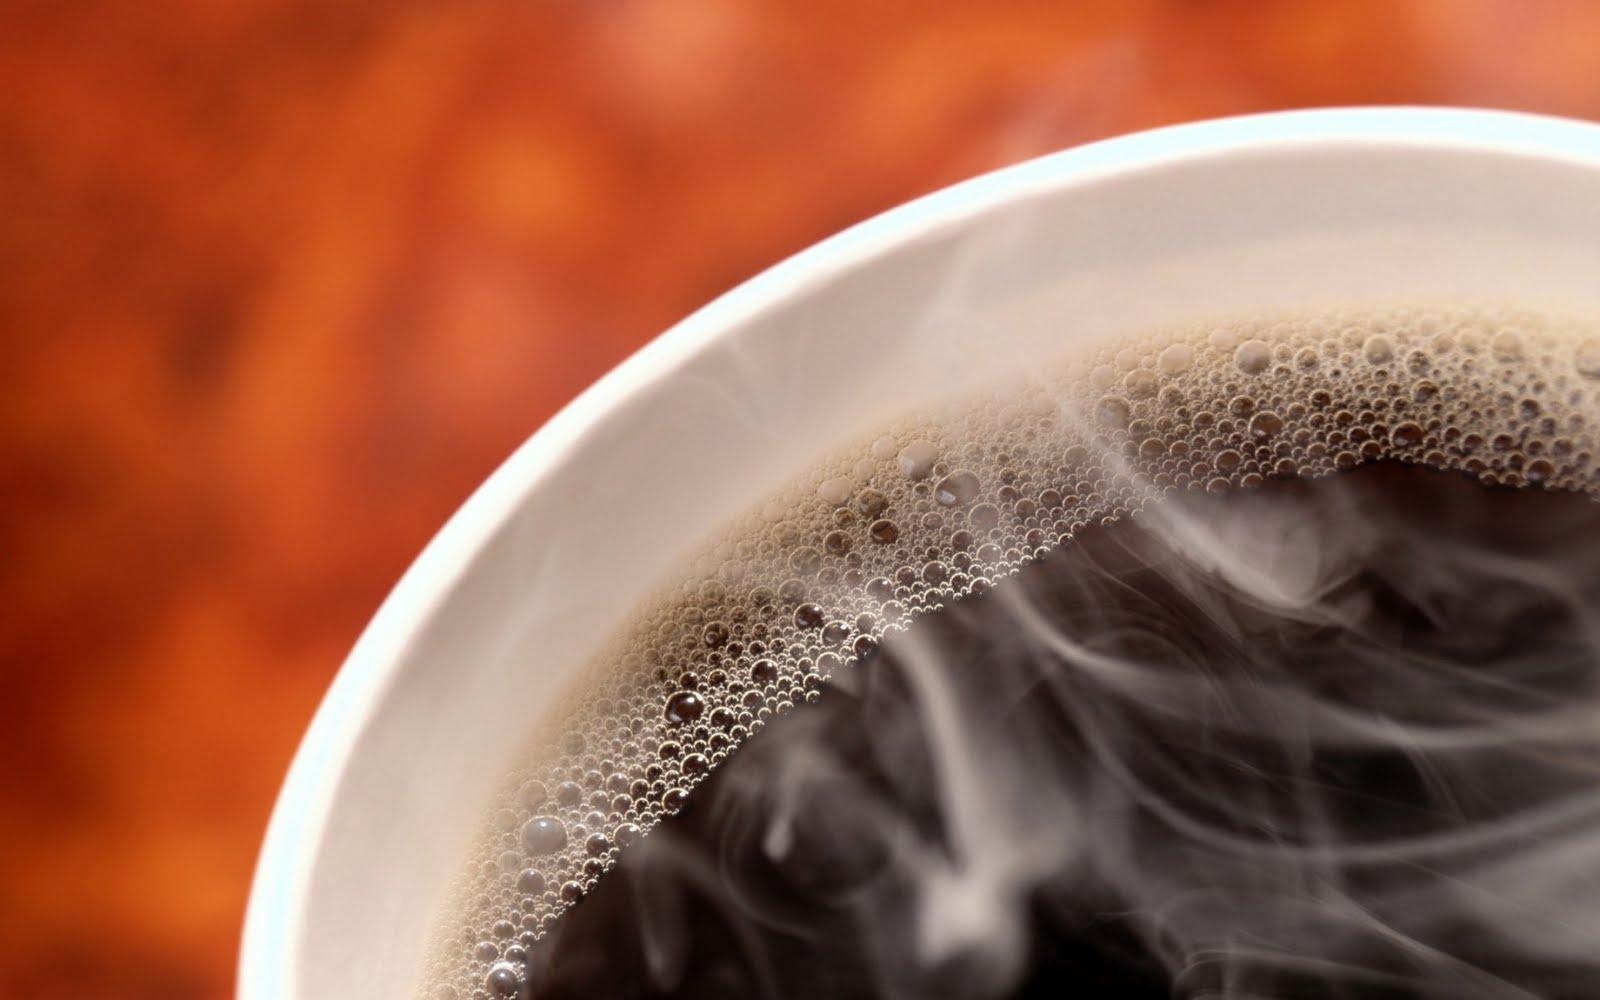 http://1.bp.blogspot.com/_bSB353YdZu8/TAo-esmfZdI/AAAAAAAAAHQ/4NmD-d9bMOE/s1600/Hot_Coffee.jpg